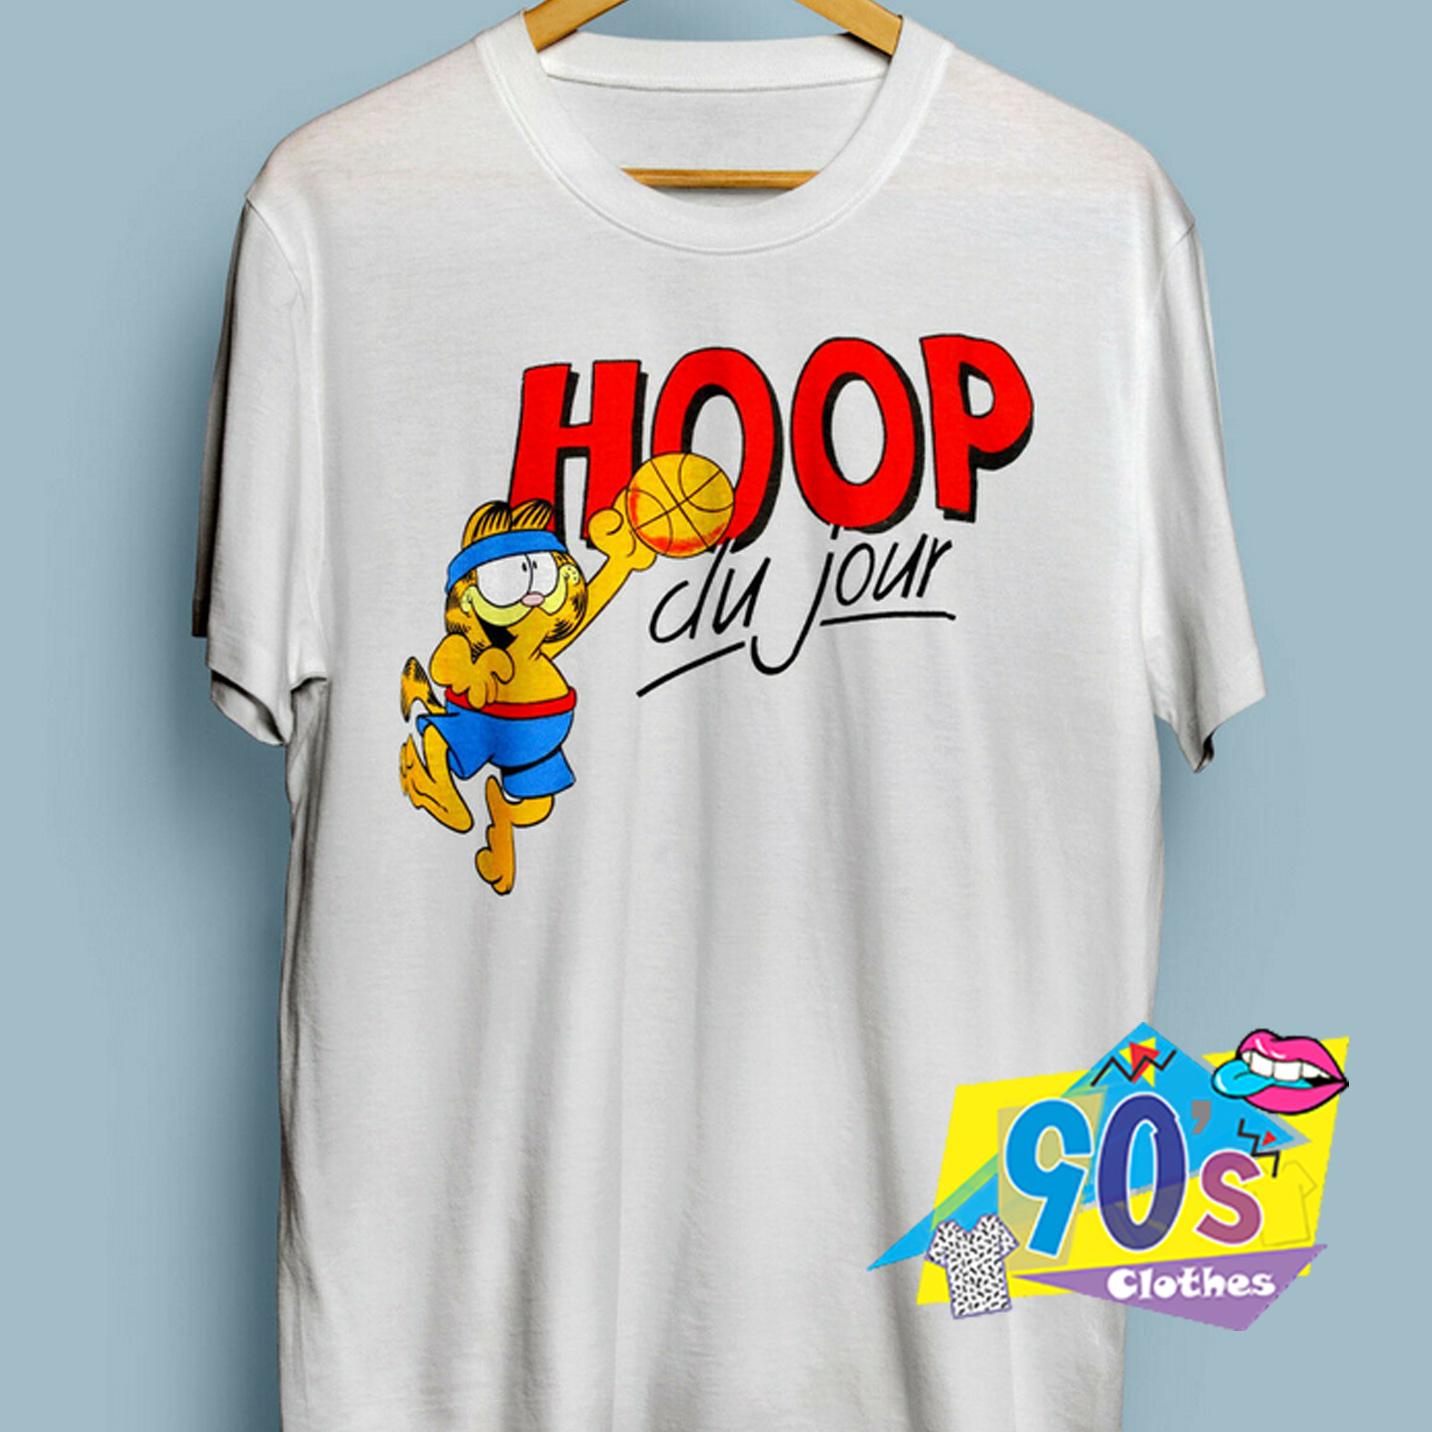 Vintage Garfield Hoop Du Jour 90s T Shirt 90sclothes Com